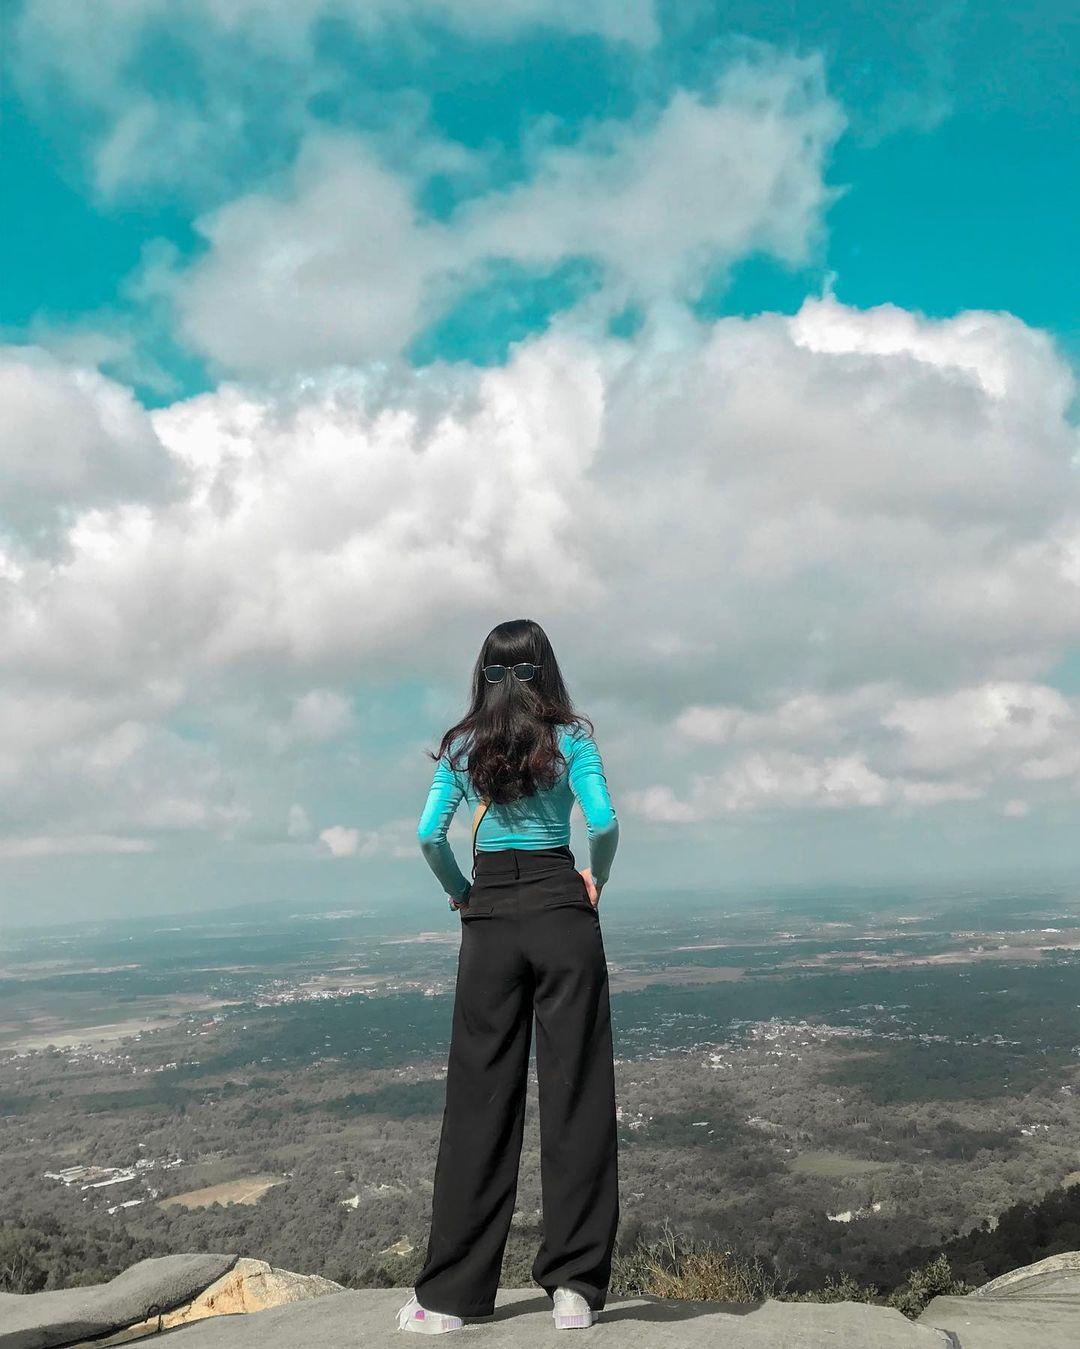 Săn mây từ đỉnh núi